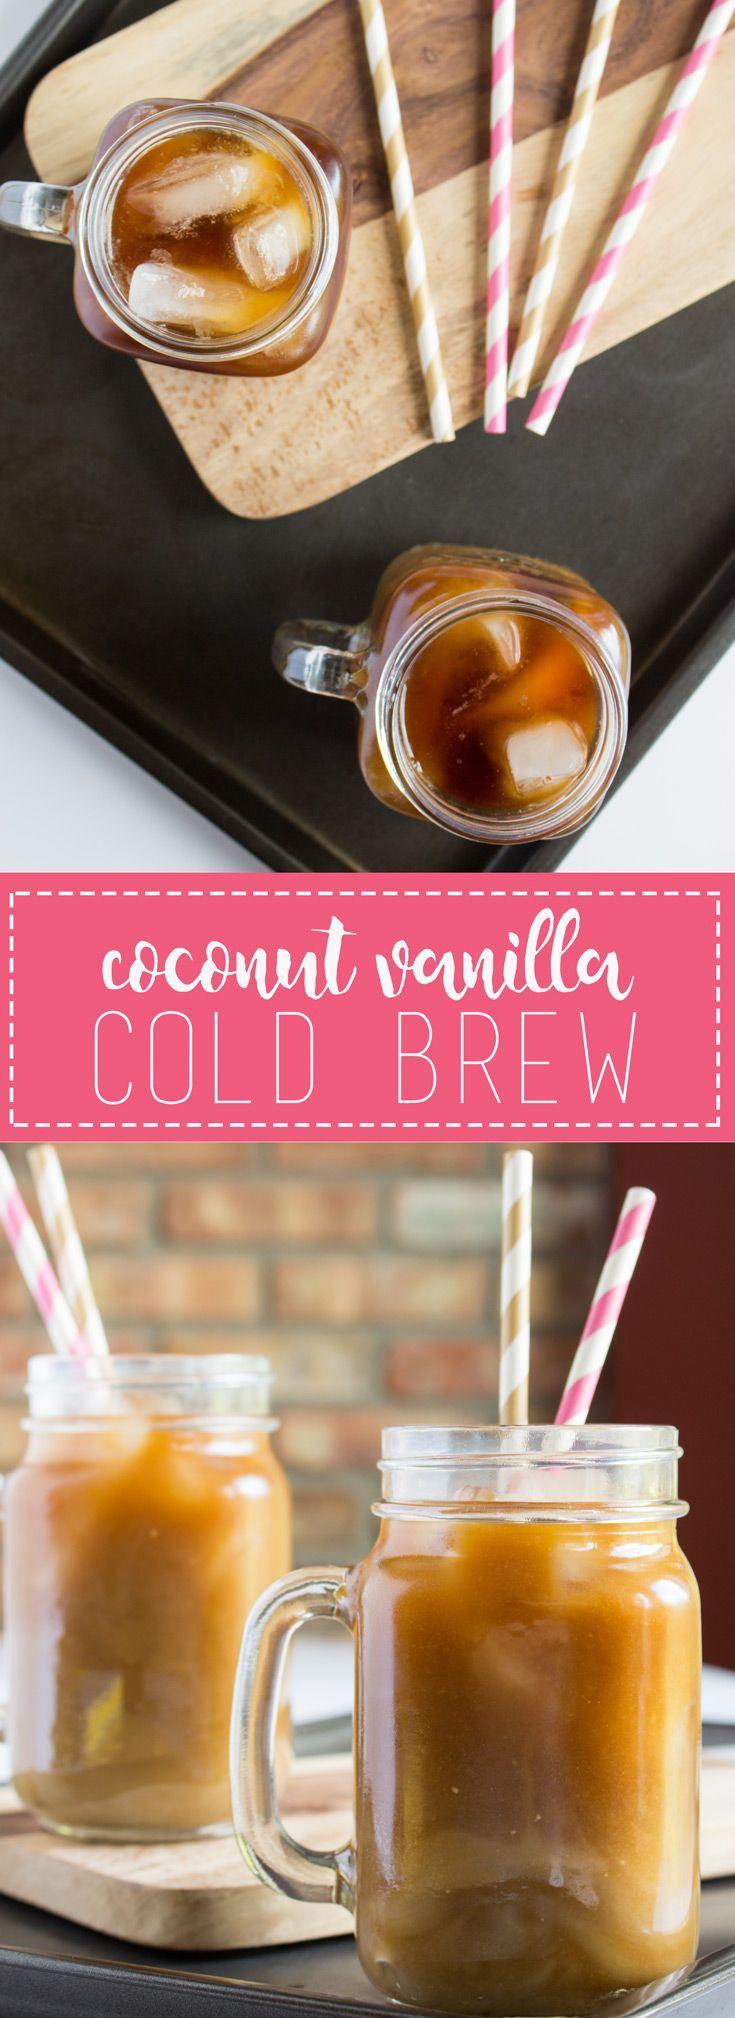 Coconut Vanilla Cold Brew | Cold brew, Coffee recipes ...